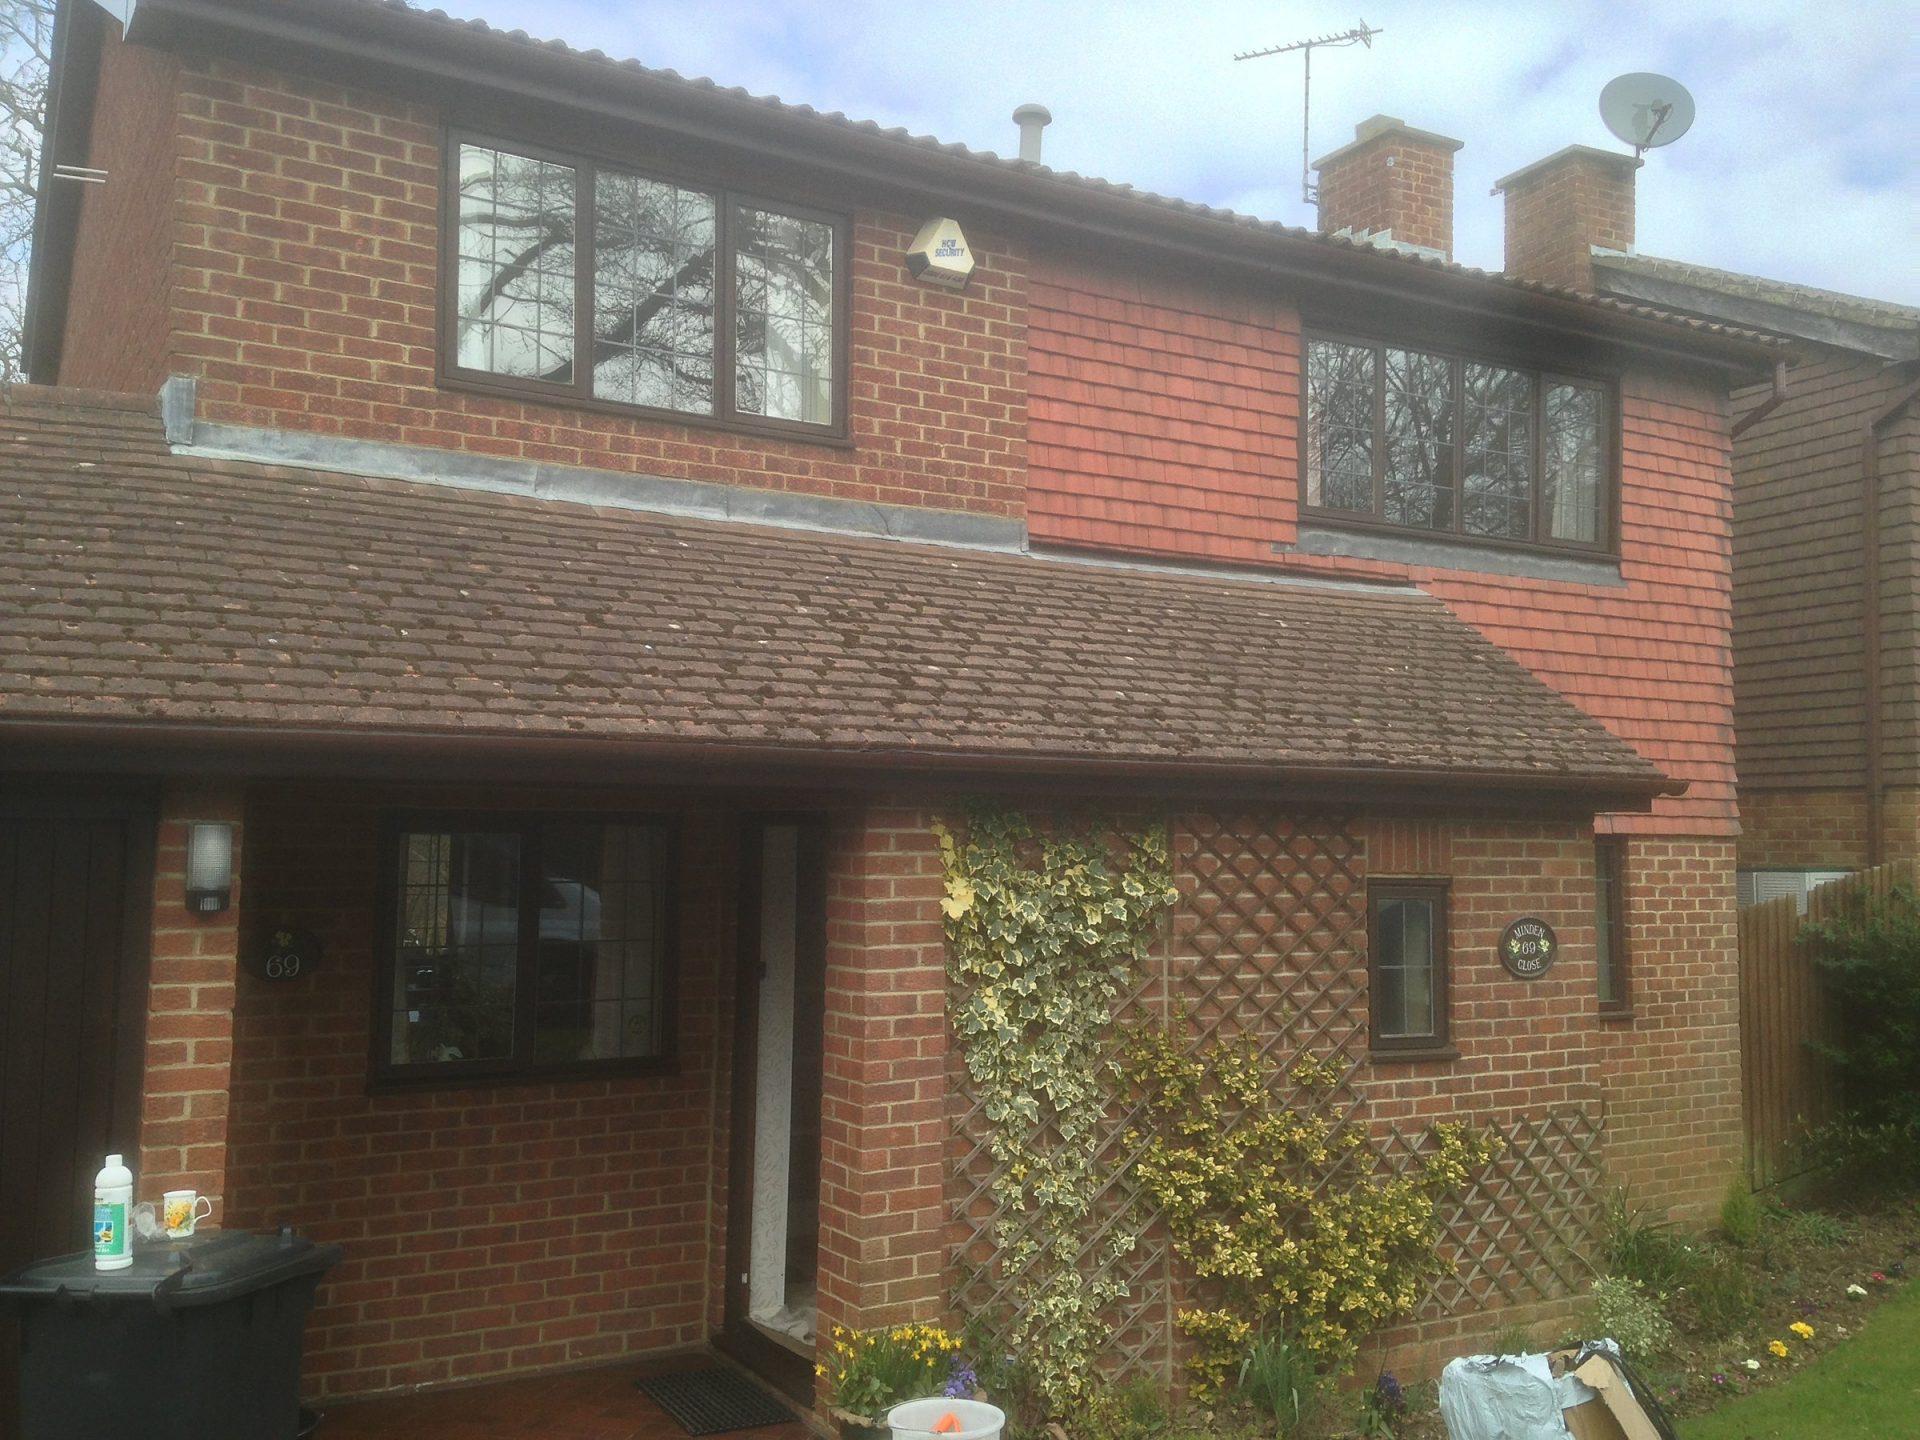 Aluminium Windows and Aluminium Doors for Homes in Basingstoke